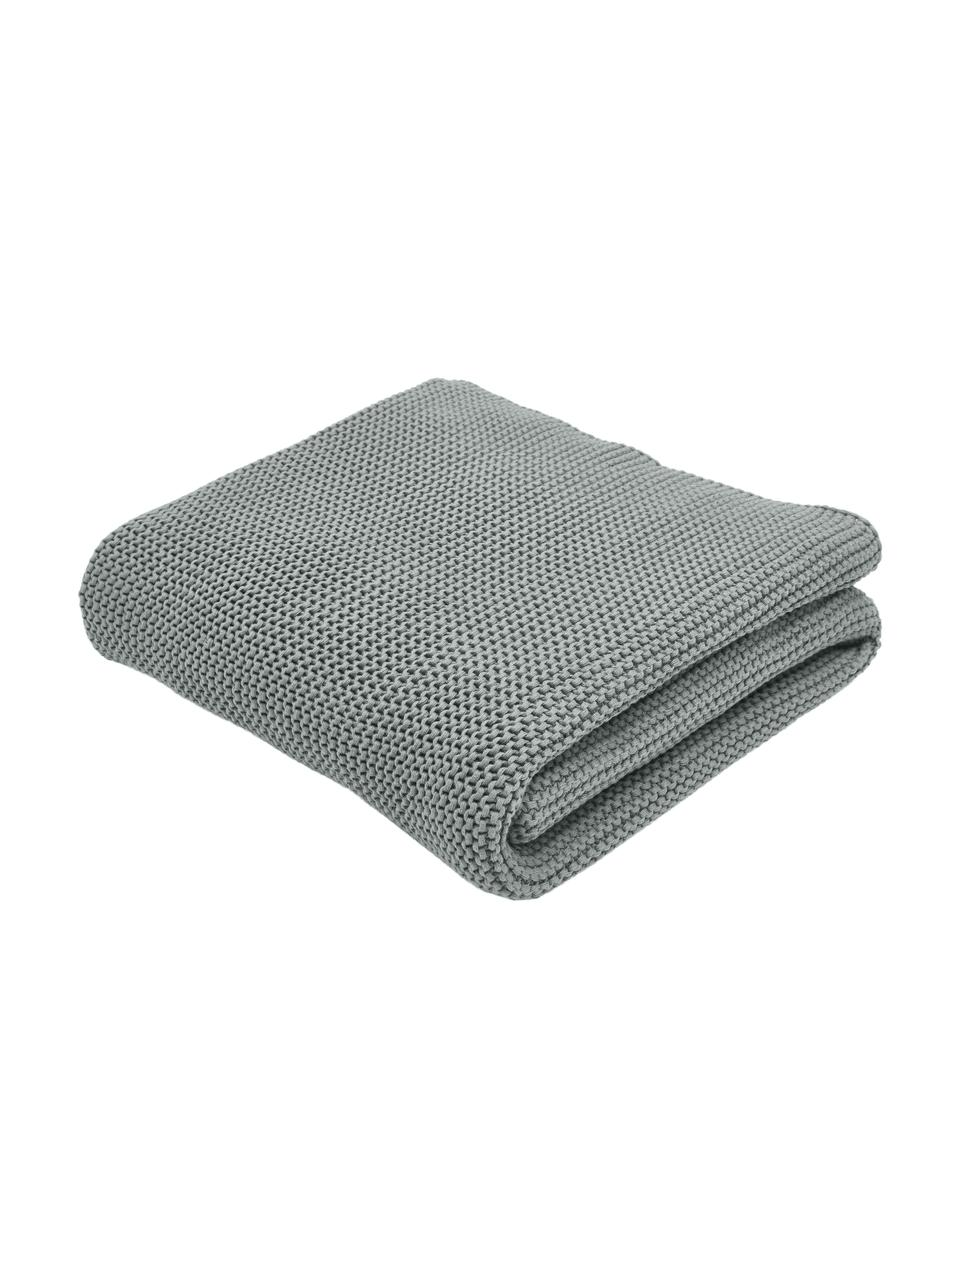 Plaid a maglia in cotone biologico verde salvia Adalyn, 100% cotone biologico, certificato GOTS, Verde salvia, Larg. 150 x Lung. 200 cm